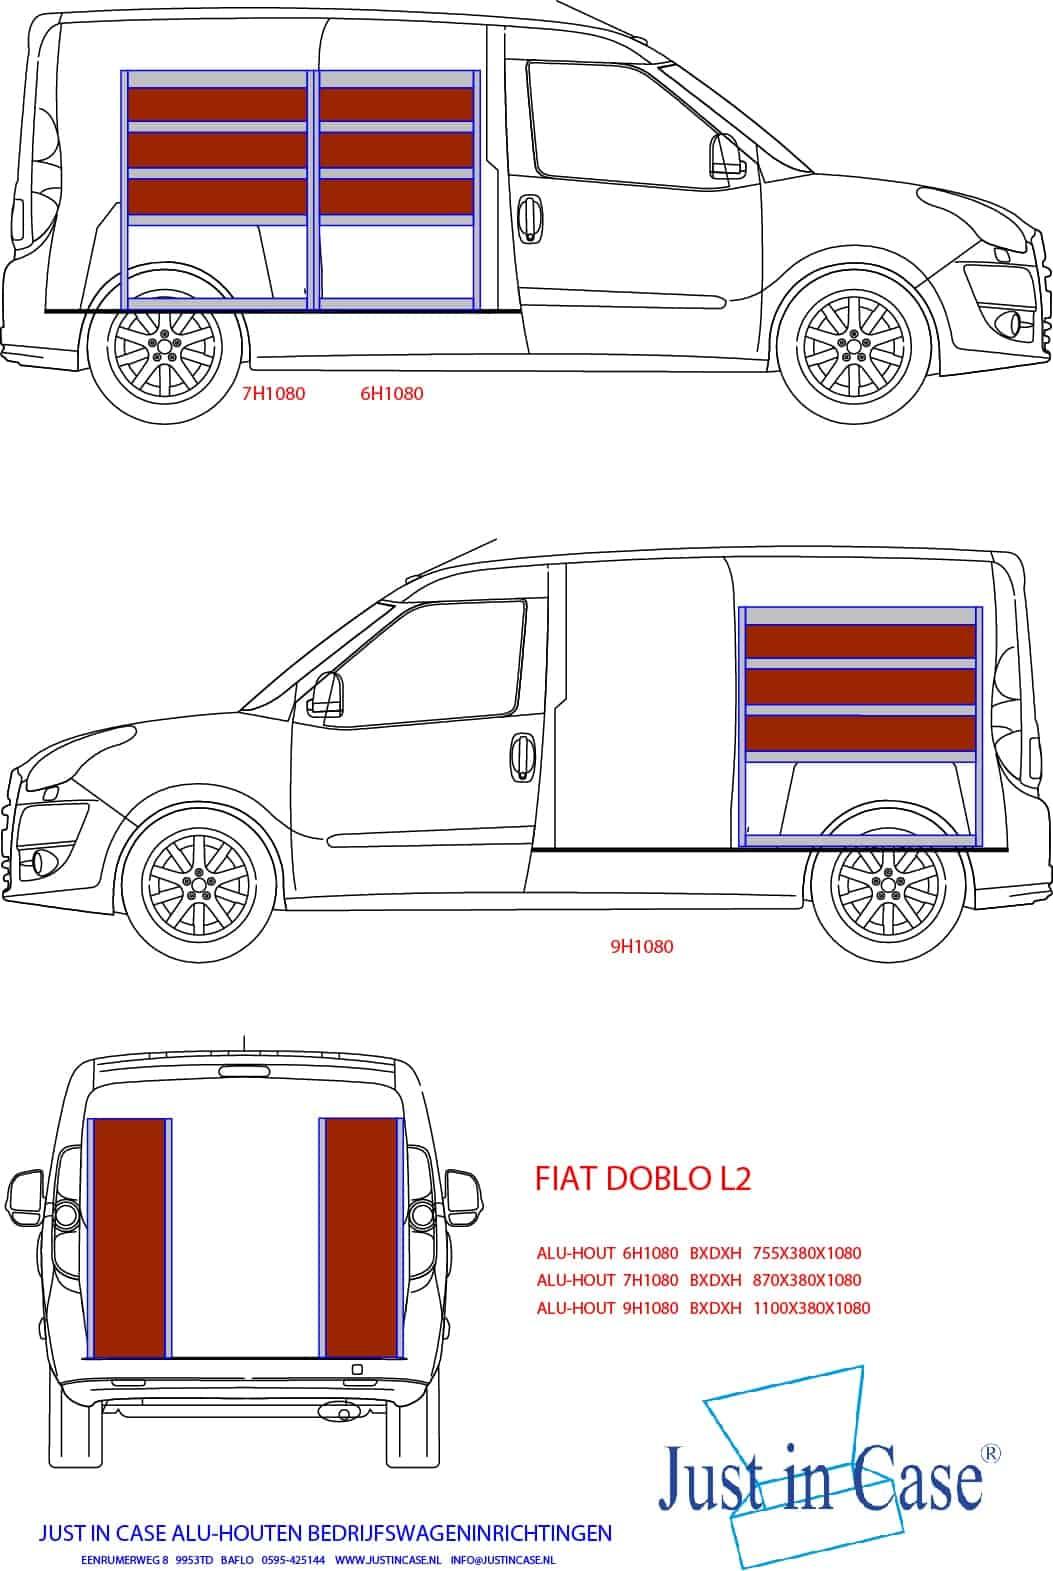 Inrichting bedrijfsbus Fiat Doblo